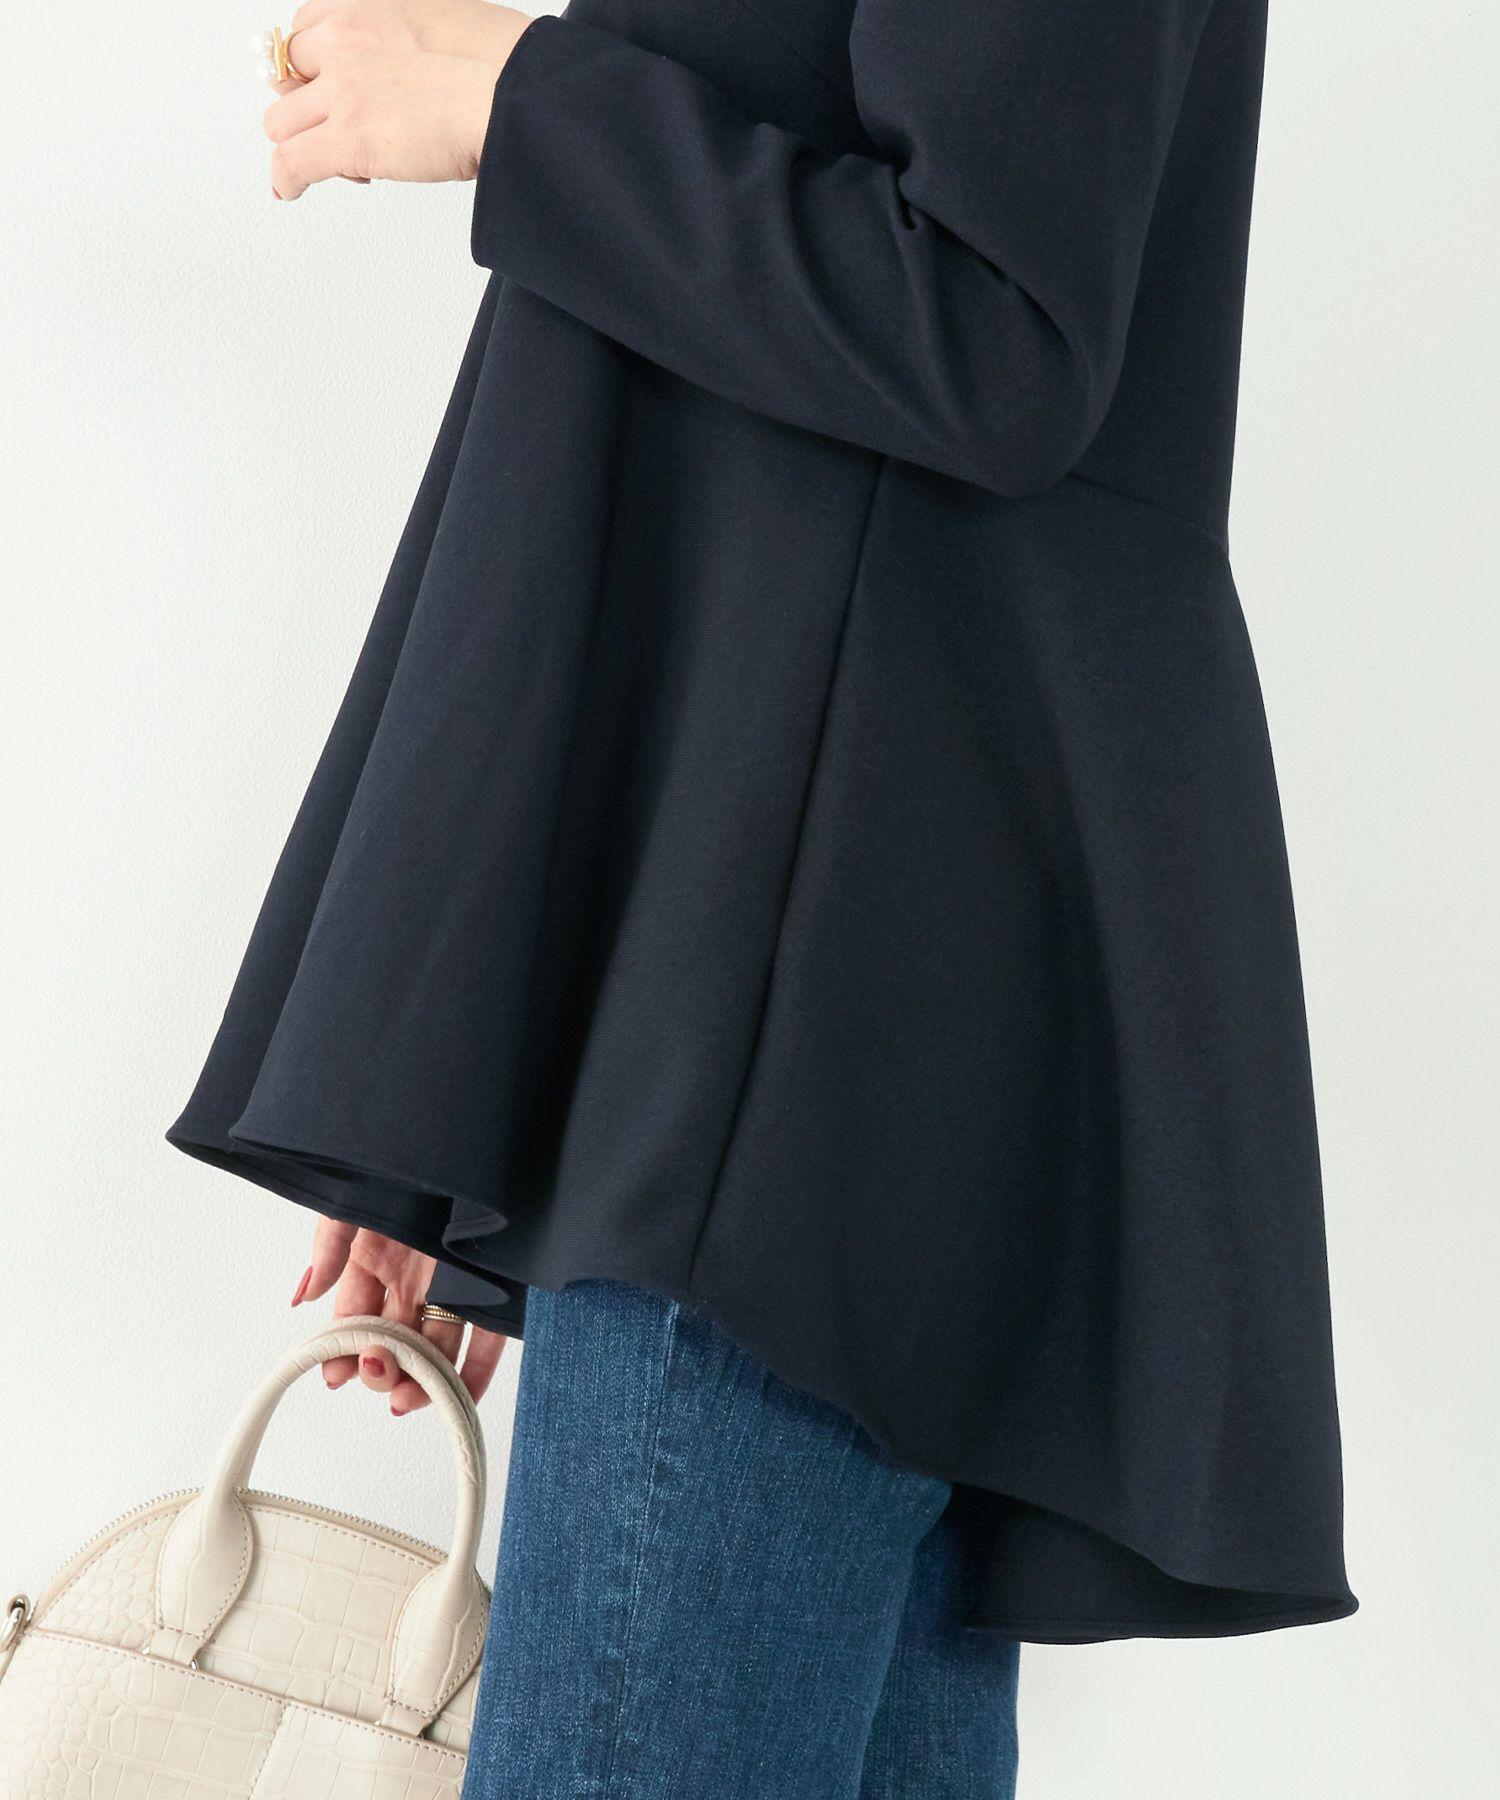 日本製/きれいめ/イレヘム/シンプル/パフスリーブ/春/秋